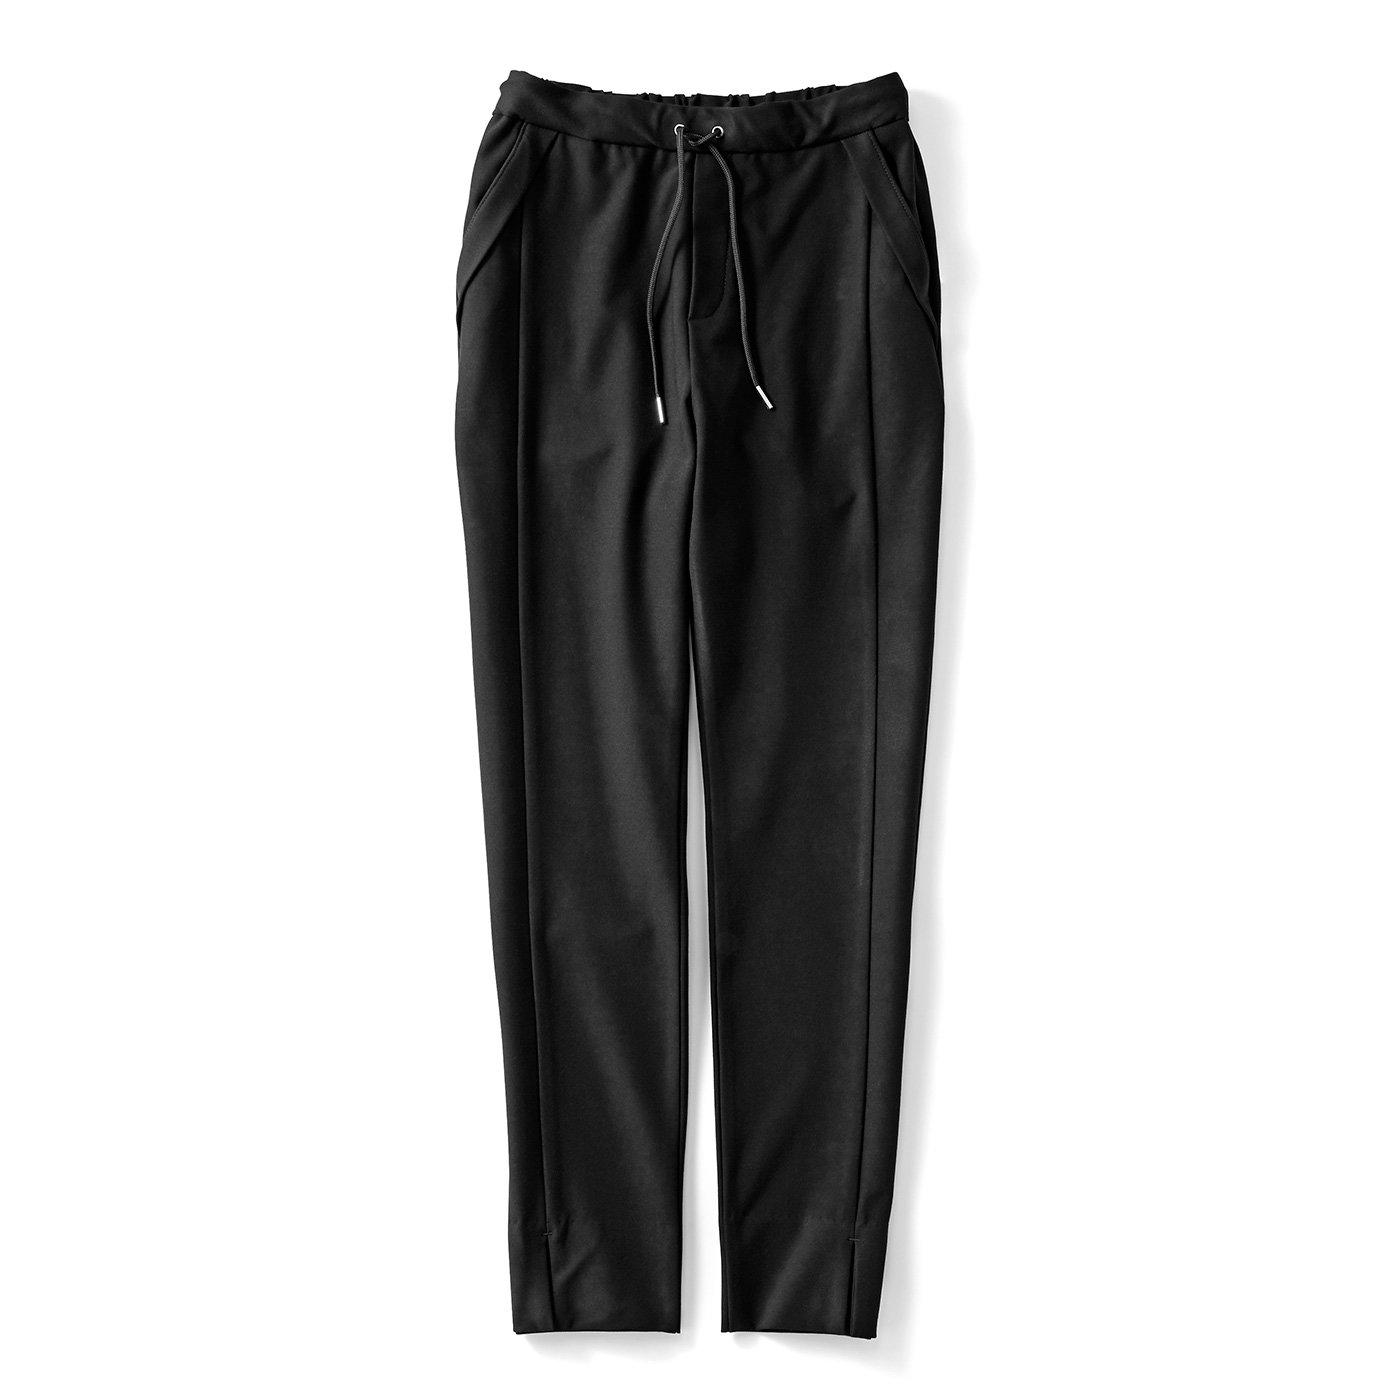 IEDIT[イディット] いつもキレイな黒が続く 純黒スマートパンツ